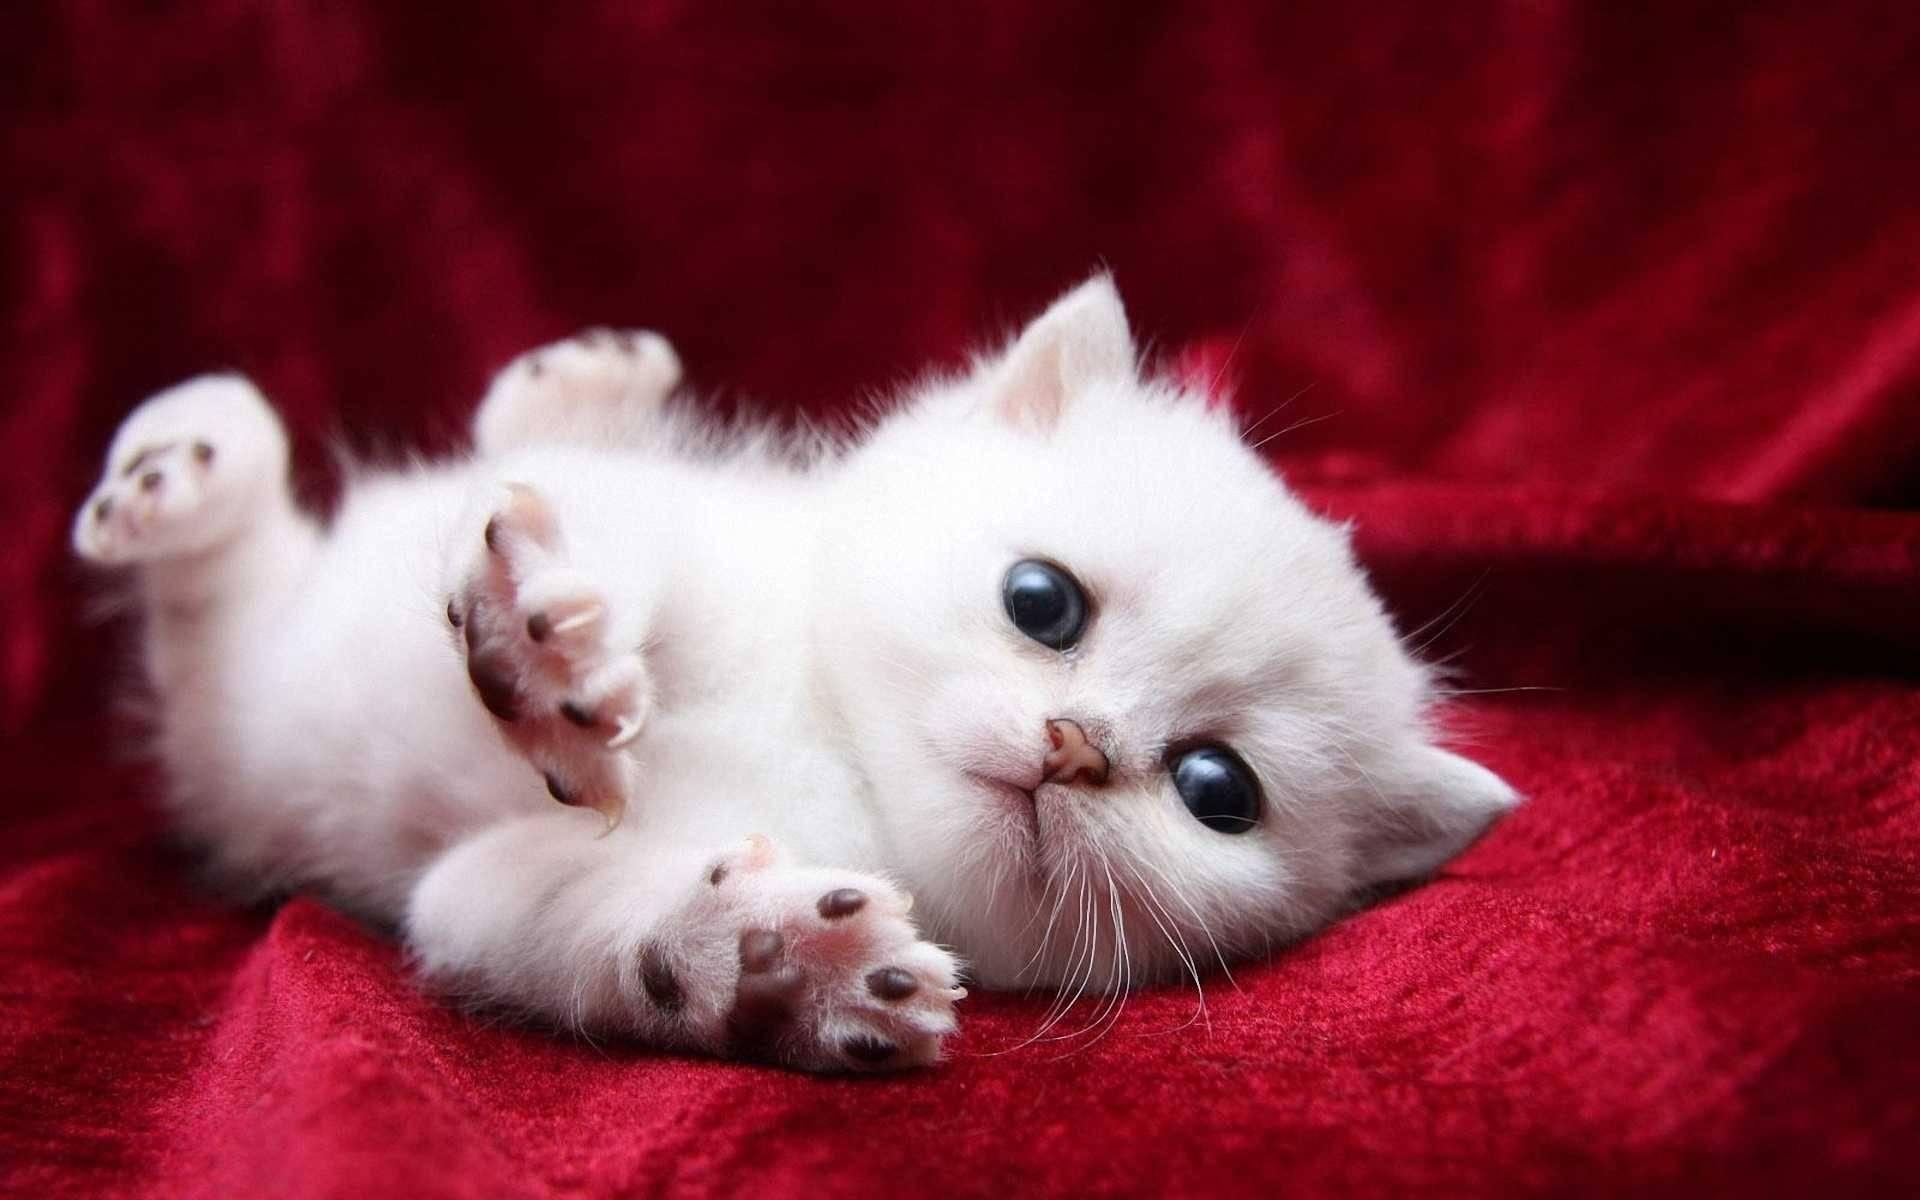 بالصور اجمل صور قطط , ارق واجمل صور قطط 5209 3